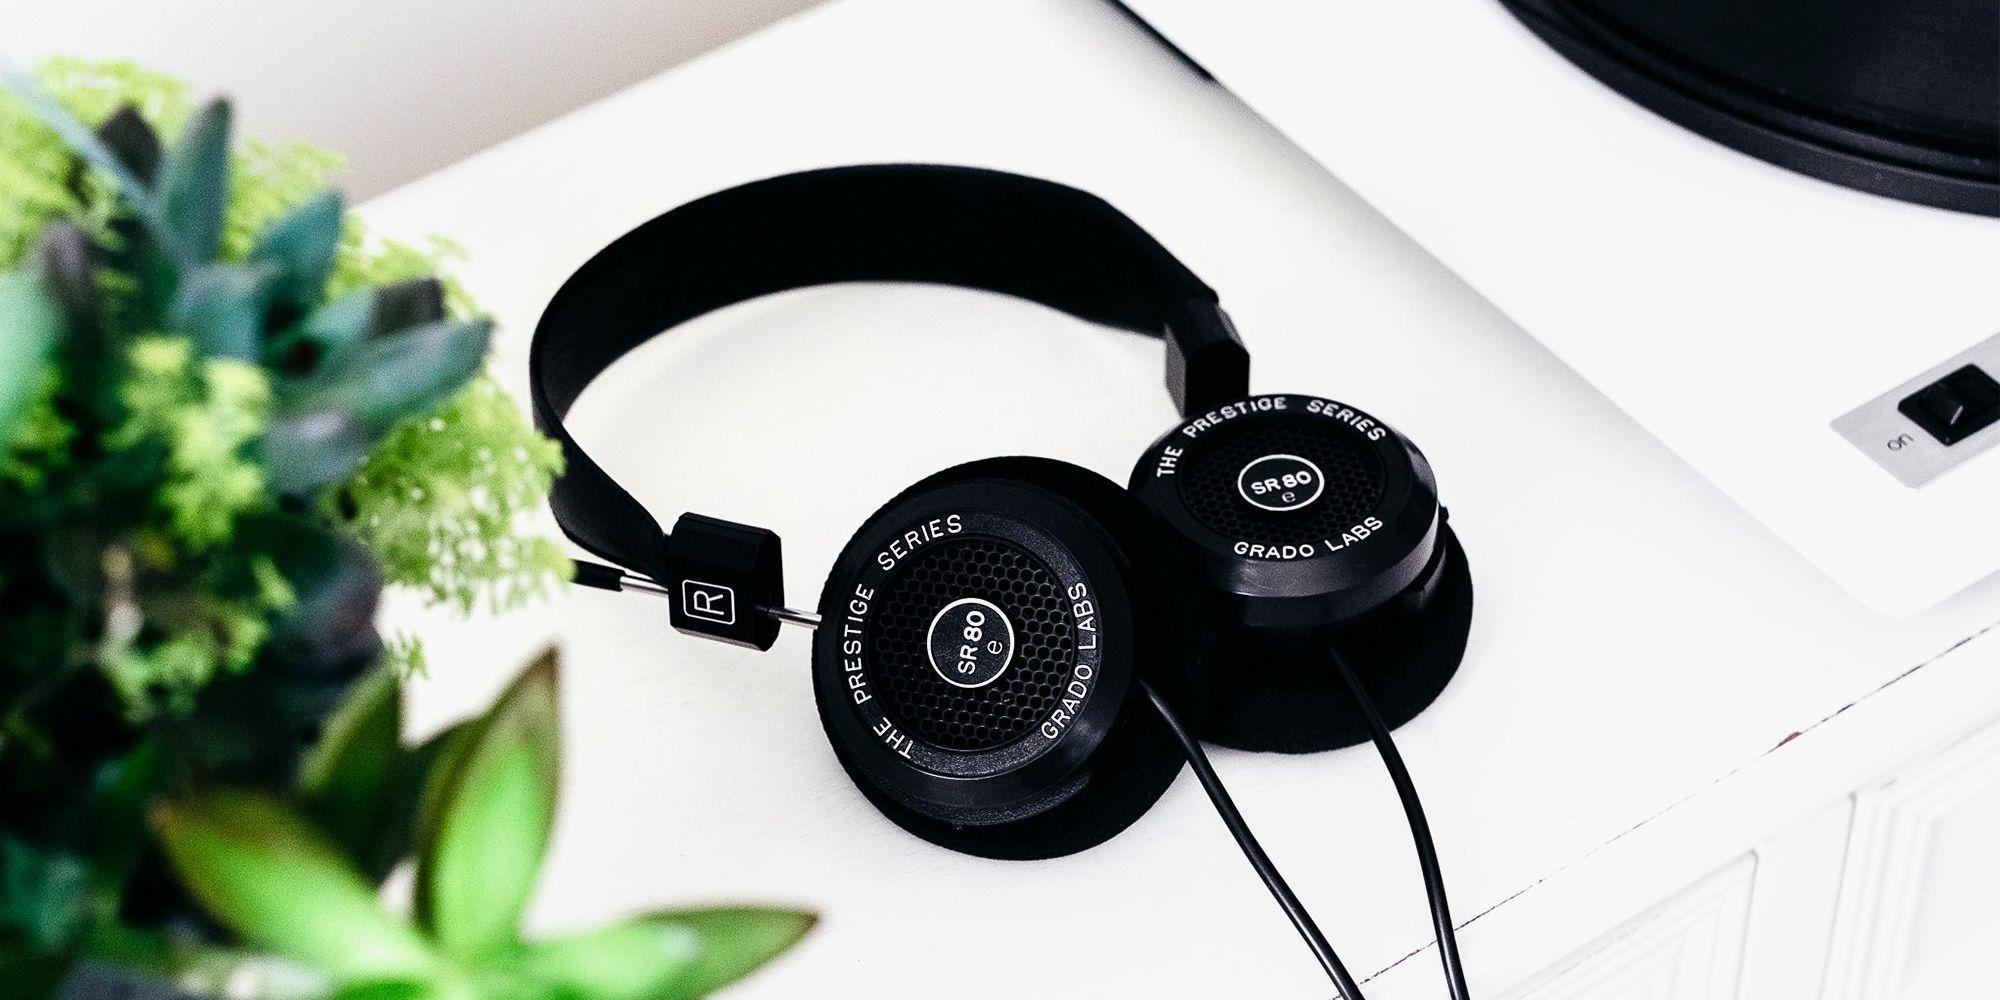 9 Best Headphones Under $100 - Cheap Headphones to Buy in 2018